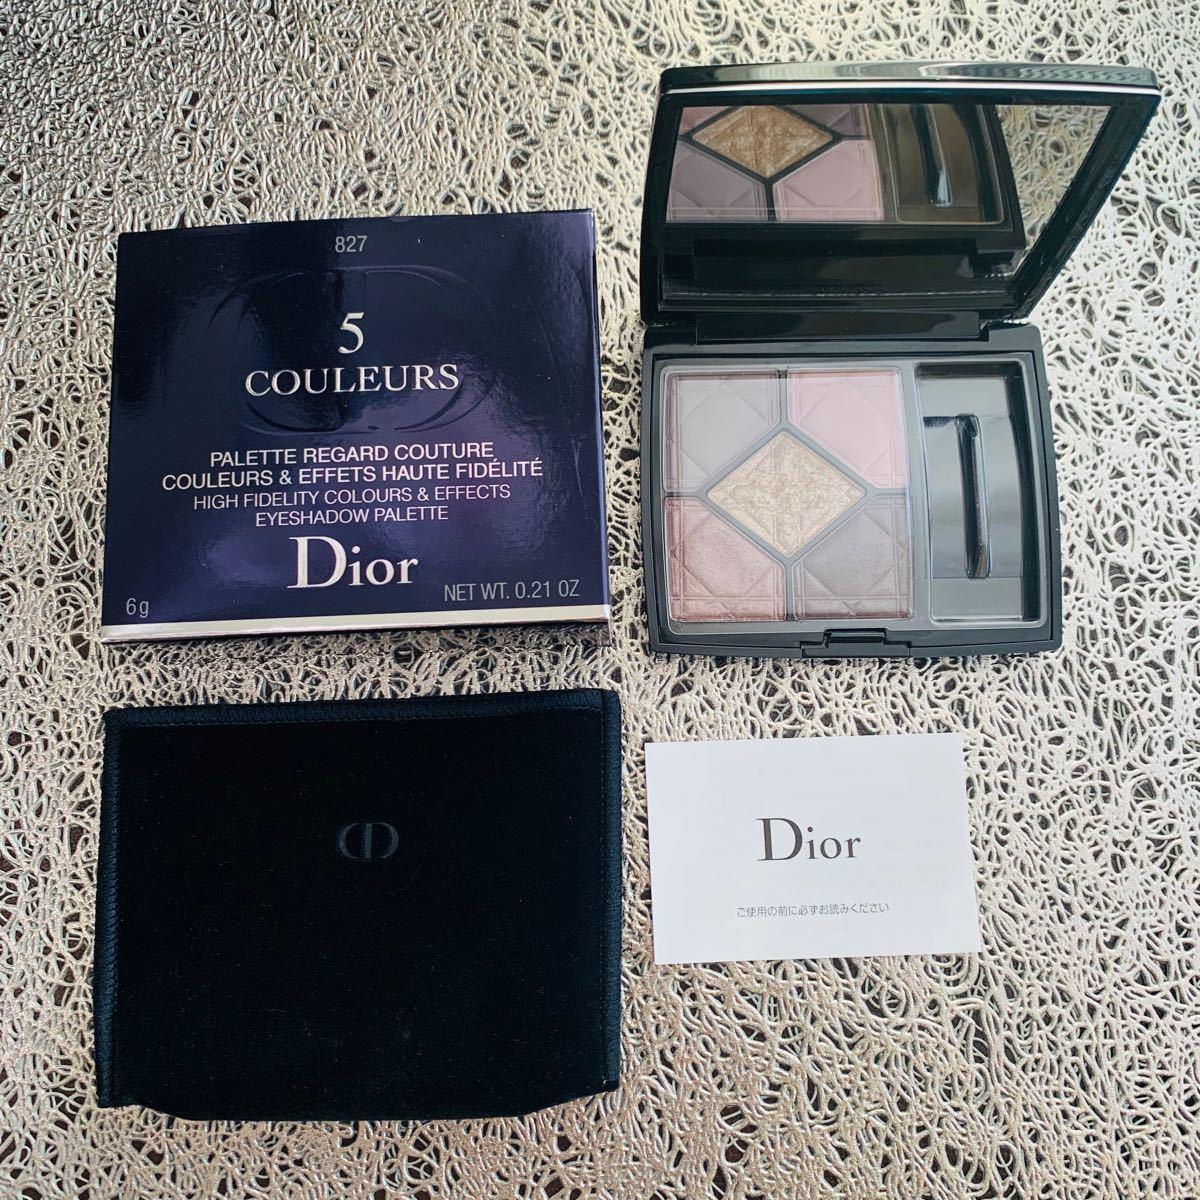 ディオール サンク クルール 827 バイオレットガーデン Dior サンククルール